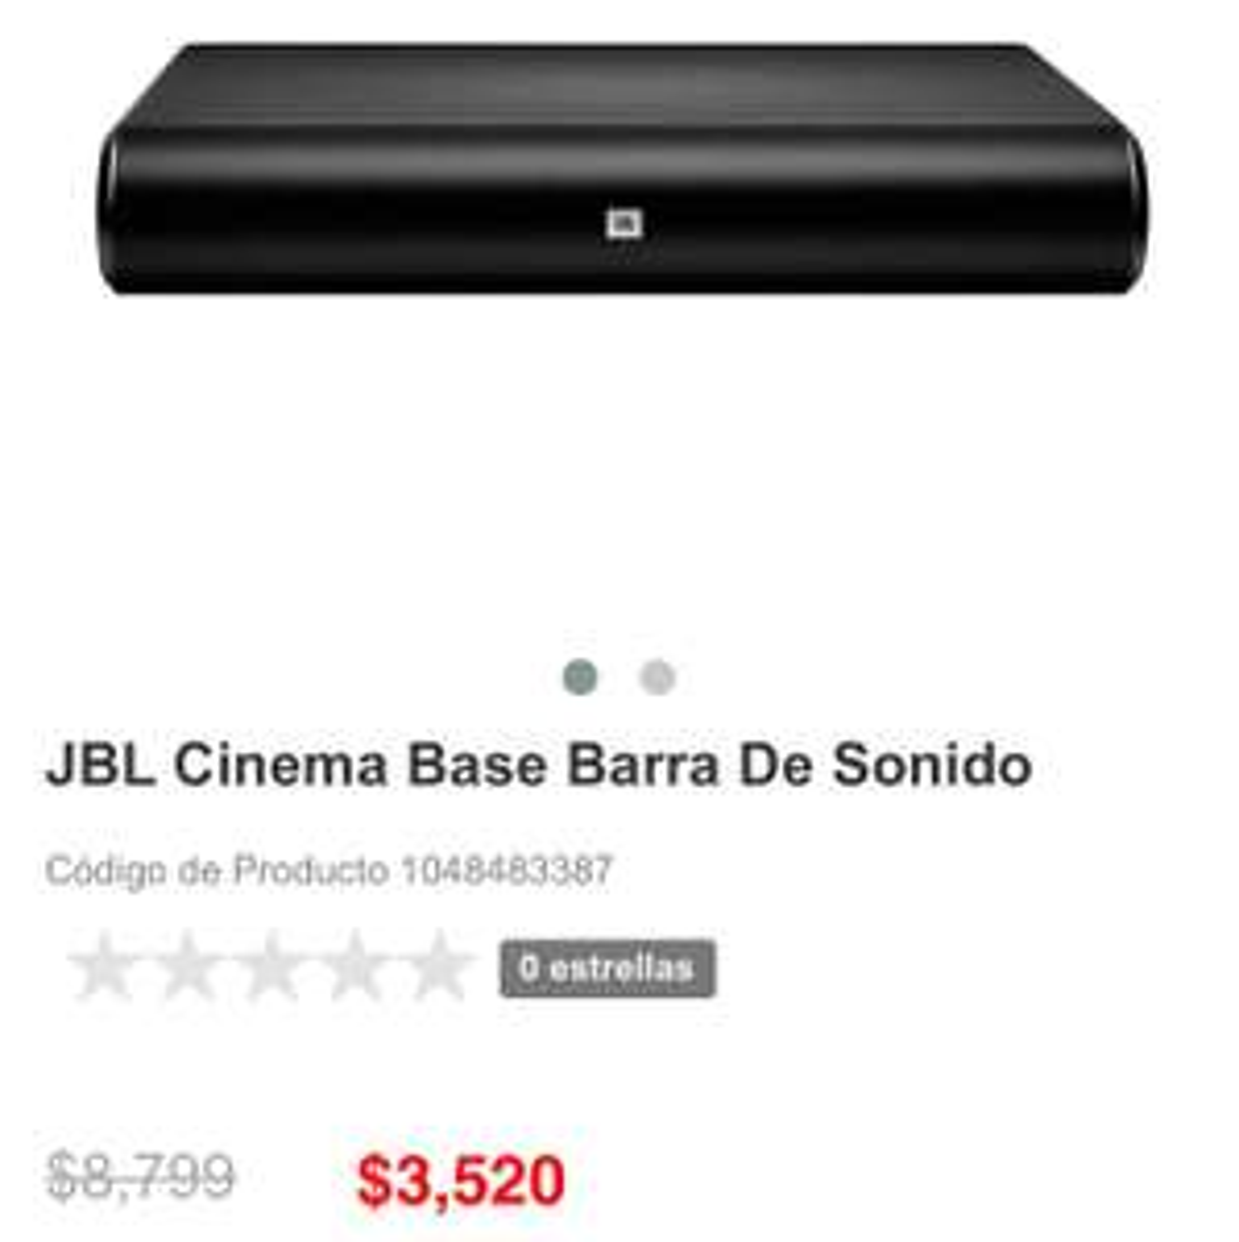 Ofertas Hot Sale Liverpool en línea: JBL Barra de sonido